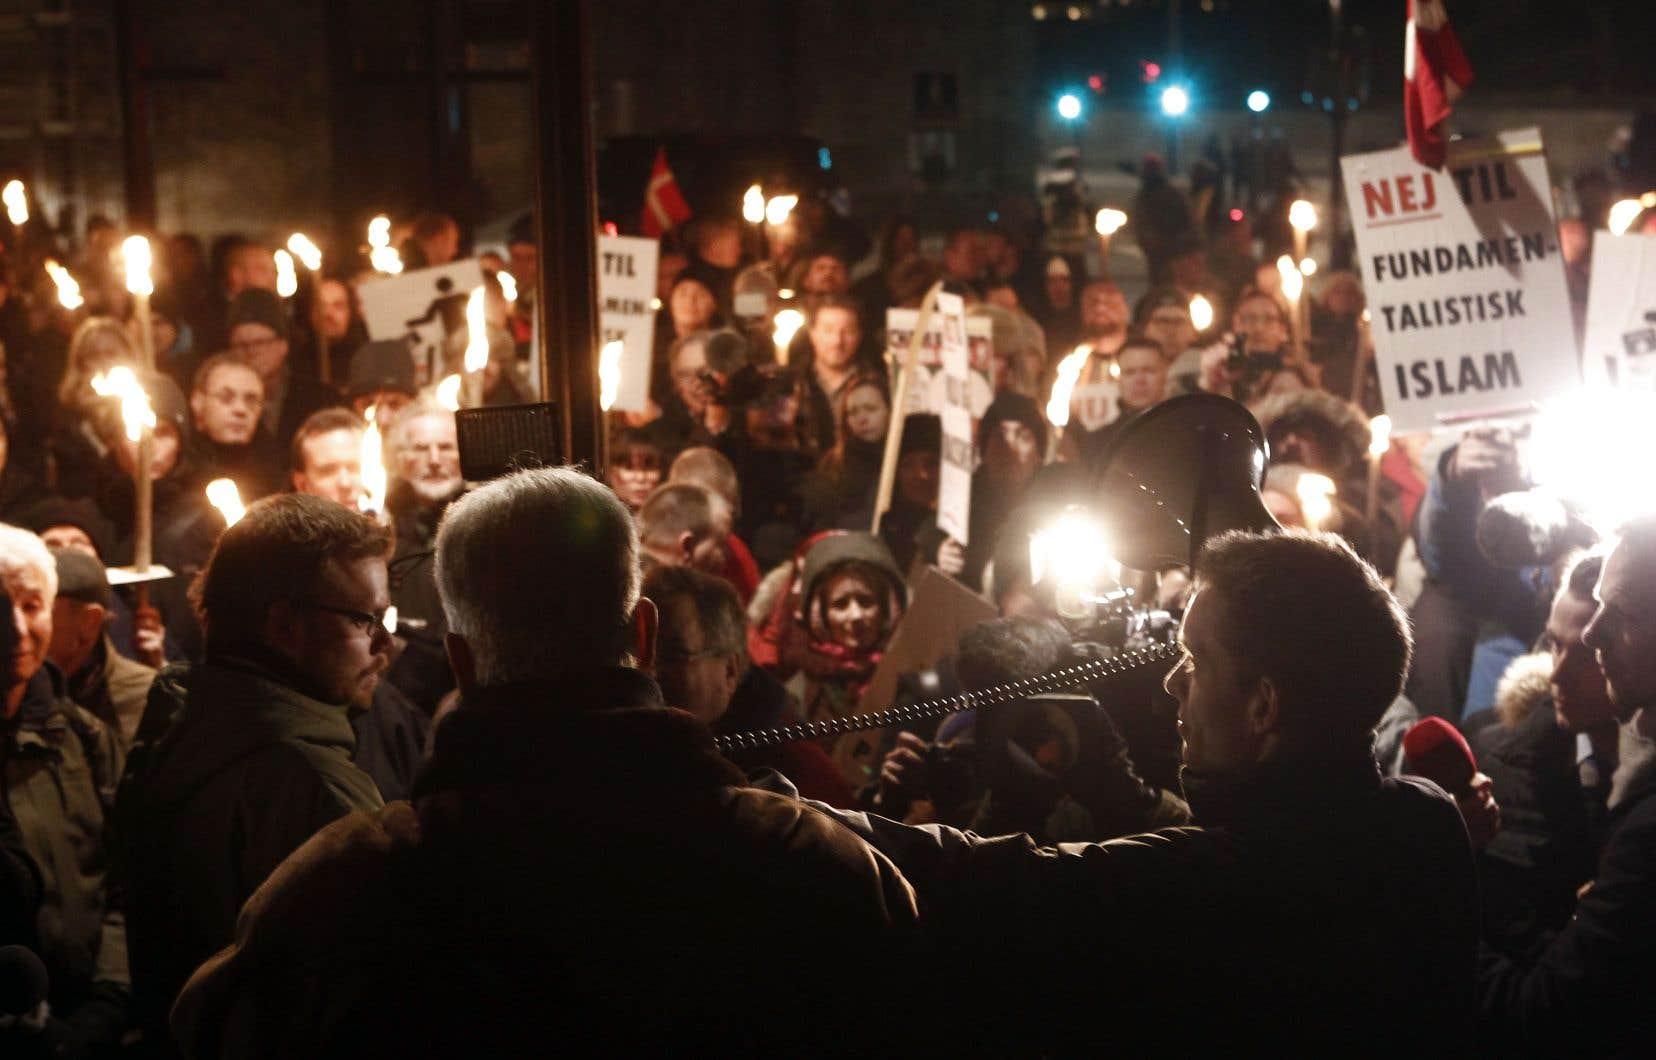 Des Danois anti-islam, membres de l'association PEGIDA, manifestaient à Copenhague en 2015. Le parti social-démocrate a fait un virage à 180 degrés sur la question de l'immigration, notamment afin de séduire l'électorat des classes populaires.